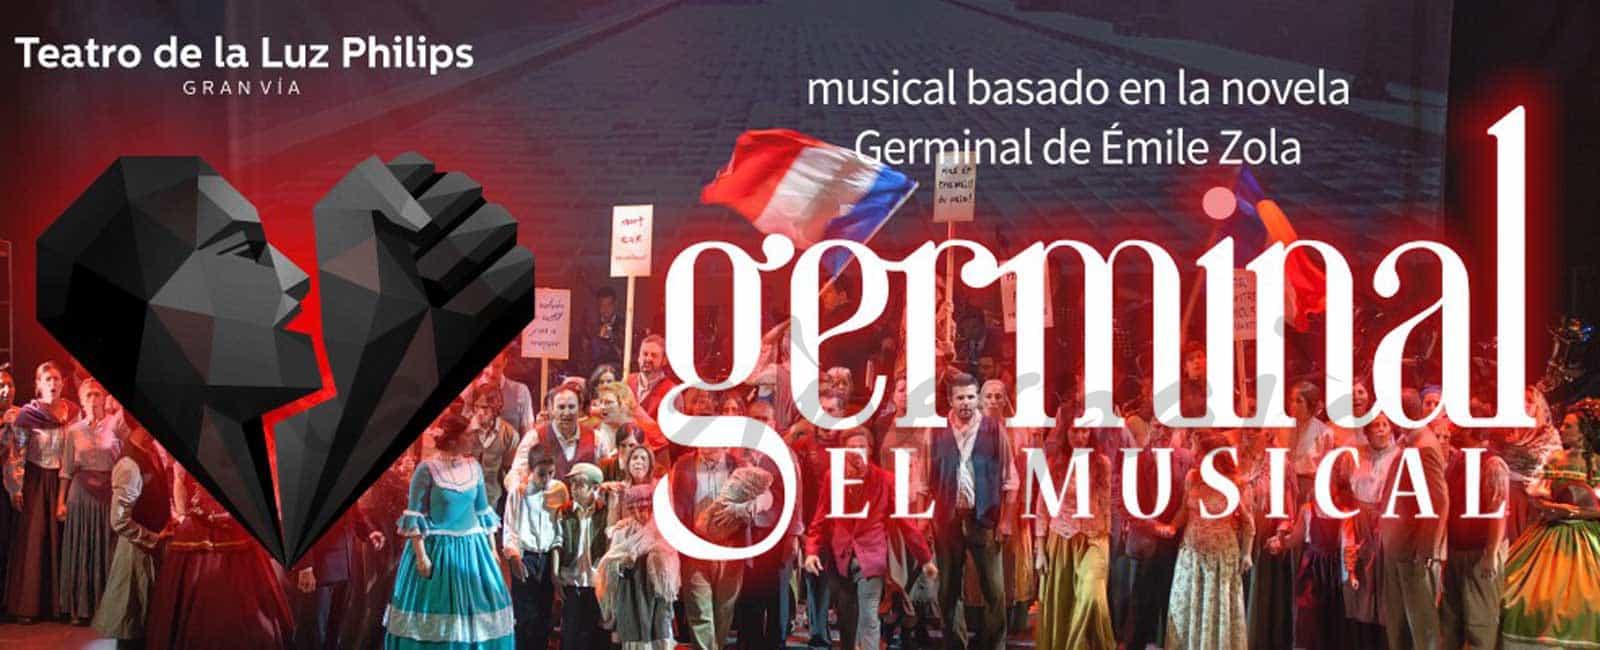 Germinal, el musical basado en la novela homónima de Émile Zoa